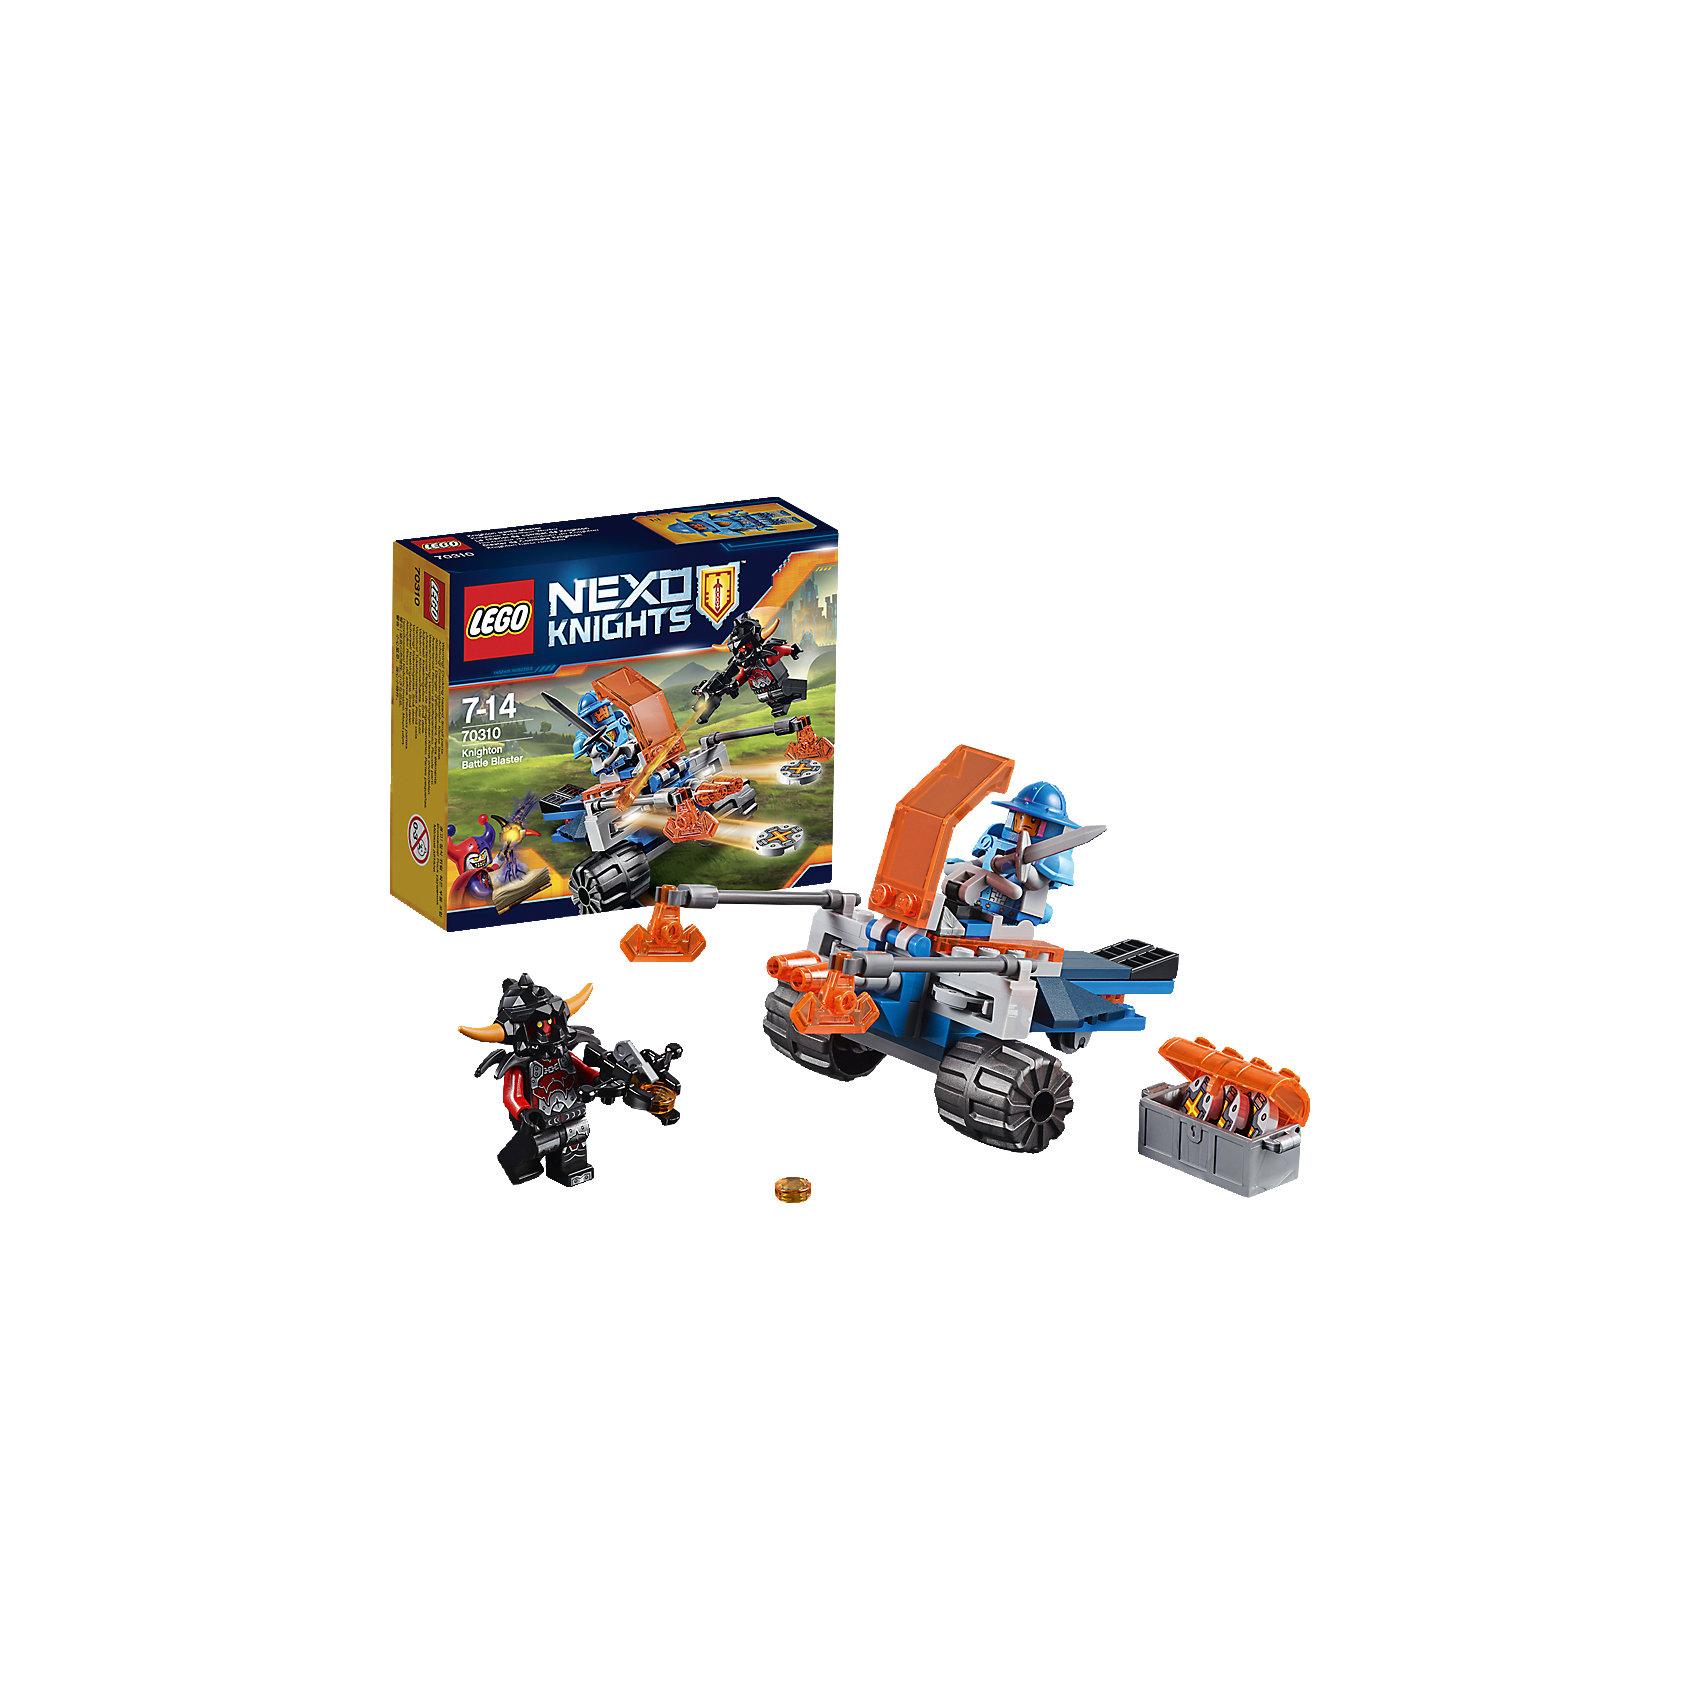 LEGO NEXO KNIGHTS 70310: Королевский боевой бластерLEGO NEXO KNIGHTS<br>Найди цель и стреляй! Направь двухдисковое орудие на зловещего Пеплометателя! Перезаряжай орудие, используя боеприпасы из сундука. Защити королевство любой ценой, искусно обращаясь с мечом и могучим топором.<br><br>LEGO Nexo Knights ( ЛЕГО Нексо Найт) - это невероятный мир прогресса и новых технологий, в котором все же нашлось место для настоящих рыцарей, магии и волшебства. Удивительное сочетание футуризма и средневековой романтики увлекает и детей, и взрослых, а множество наборов серии и высокая детализация позволяют создать свой волшебный мир Nexo Knights!<br><br>Дополнительная информация:<br><br>- Конструкторы ЛЕГО развивают усидчивость, внимание, фантазию и мелкую моторику. <br>- 2 фигурки: королевский солдат и Пеплометатель.<br>- Комплектация: 2 фигурки, бластер, сундук, аксессуары. <br>- Количество деталей: 76.<br>- Серия LEGO Nexo Knights (ЛЕГО Нексо Найт).<br>- Материал: пластик.<br>- Размер боевого бластера в собранном виде: 7х14х8 см.<br>- Размер упаковки: 14х4,6х12 см.<br>- Вес: 0.11 кг.<br><br>LEGO NEXO KNIGHTS 70310: Королевский боевой бластер можно купить в нашем магазине.<br><br>Ширина мм: 143<br>Глубина мм: 119<br>Высота мм: 45<br>Вес г: 109<br>Возраст от месяцев: 84<br>Возраст до месяцев: 168<br>Пол: Мужской<br>Возраст: Детский<br>SKU: 4258995